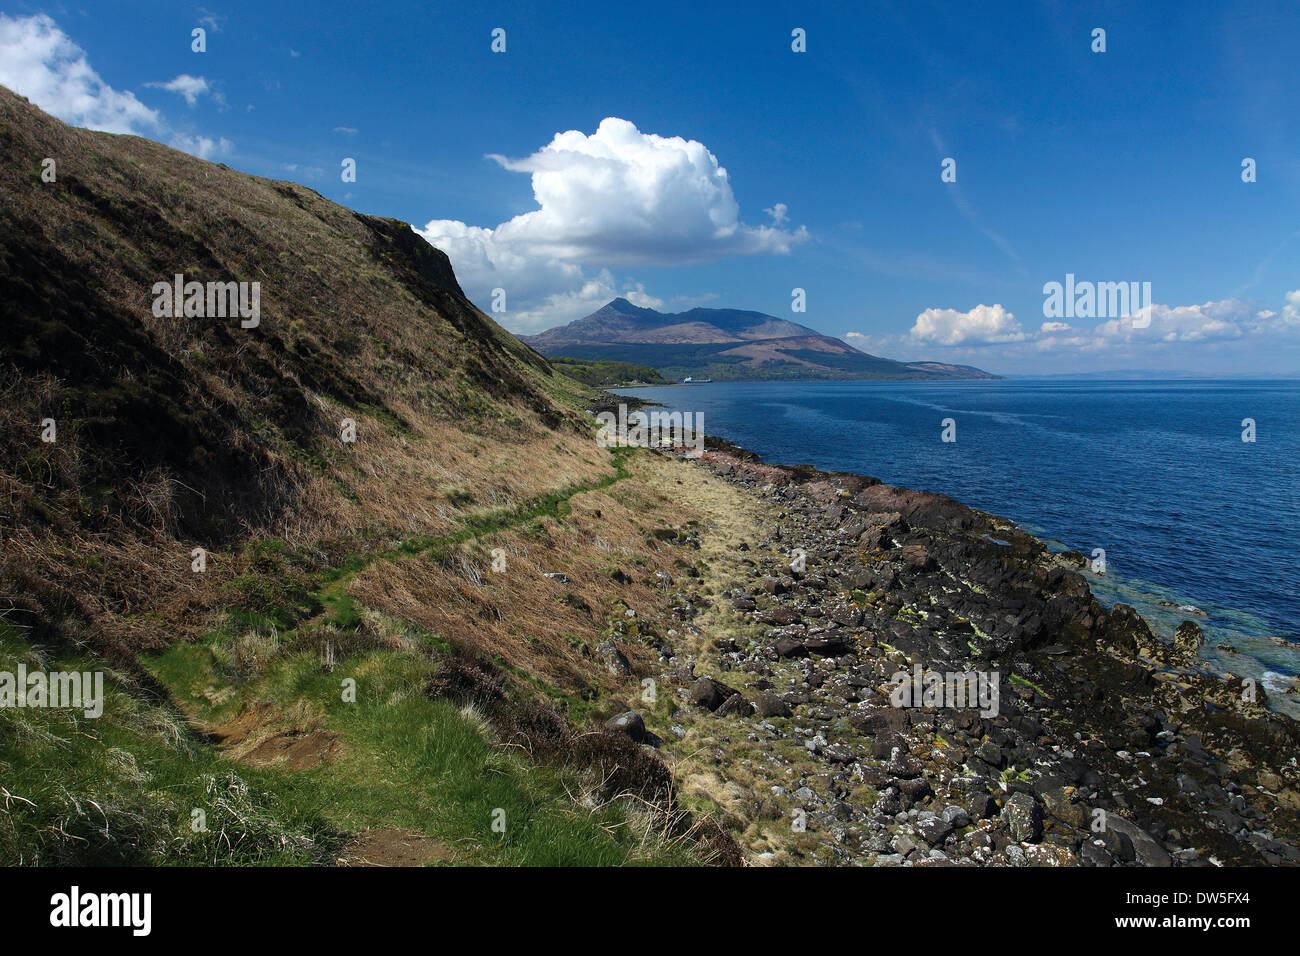 Goat Fell et la baie de Brodick Clauchlands Point sur le chemin côtier, Arran Isle of Arran, Ayrshire Banque D'Images